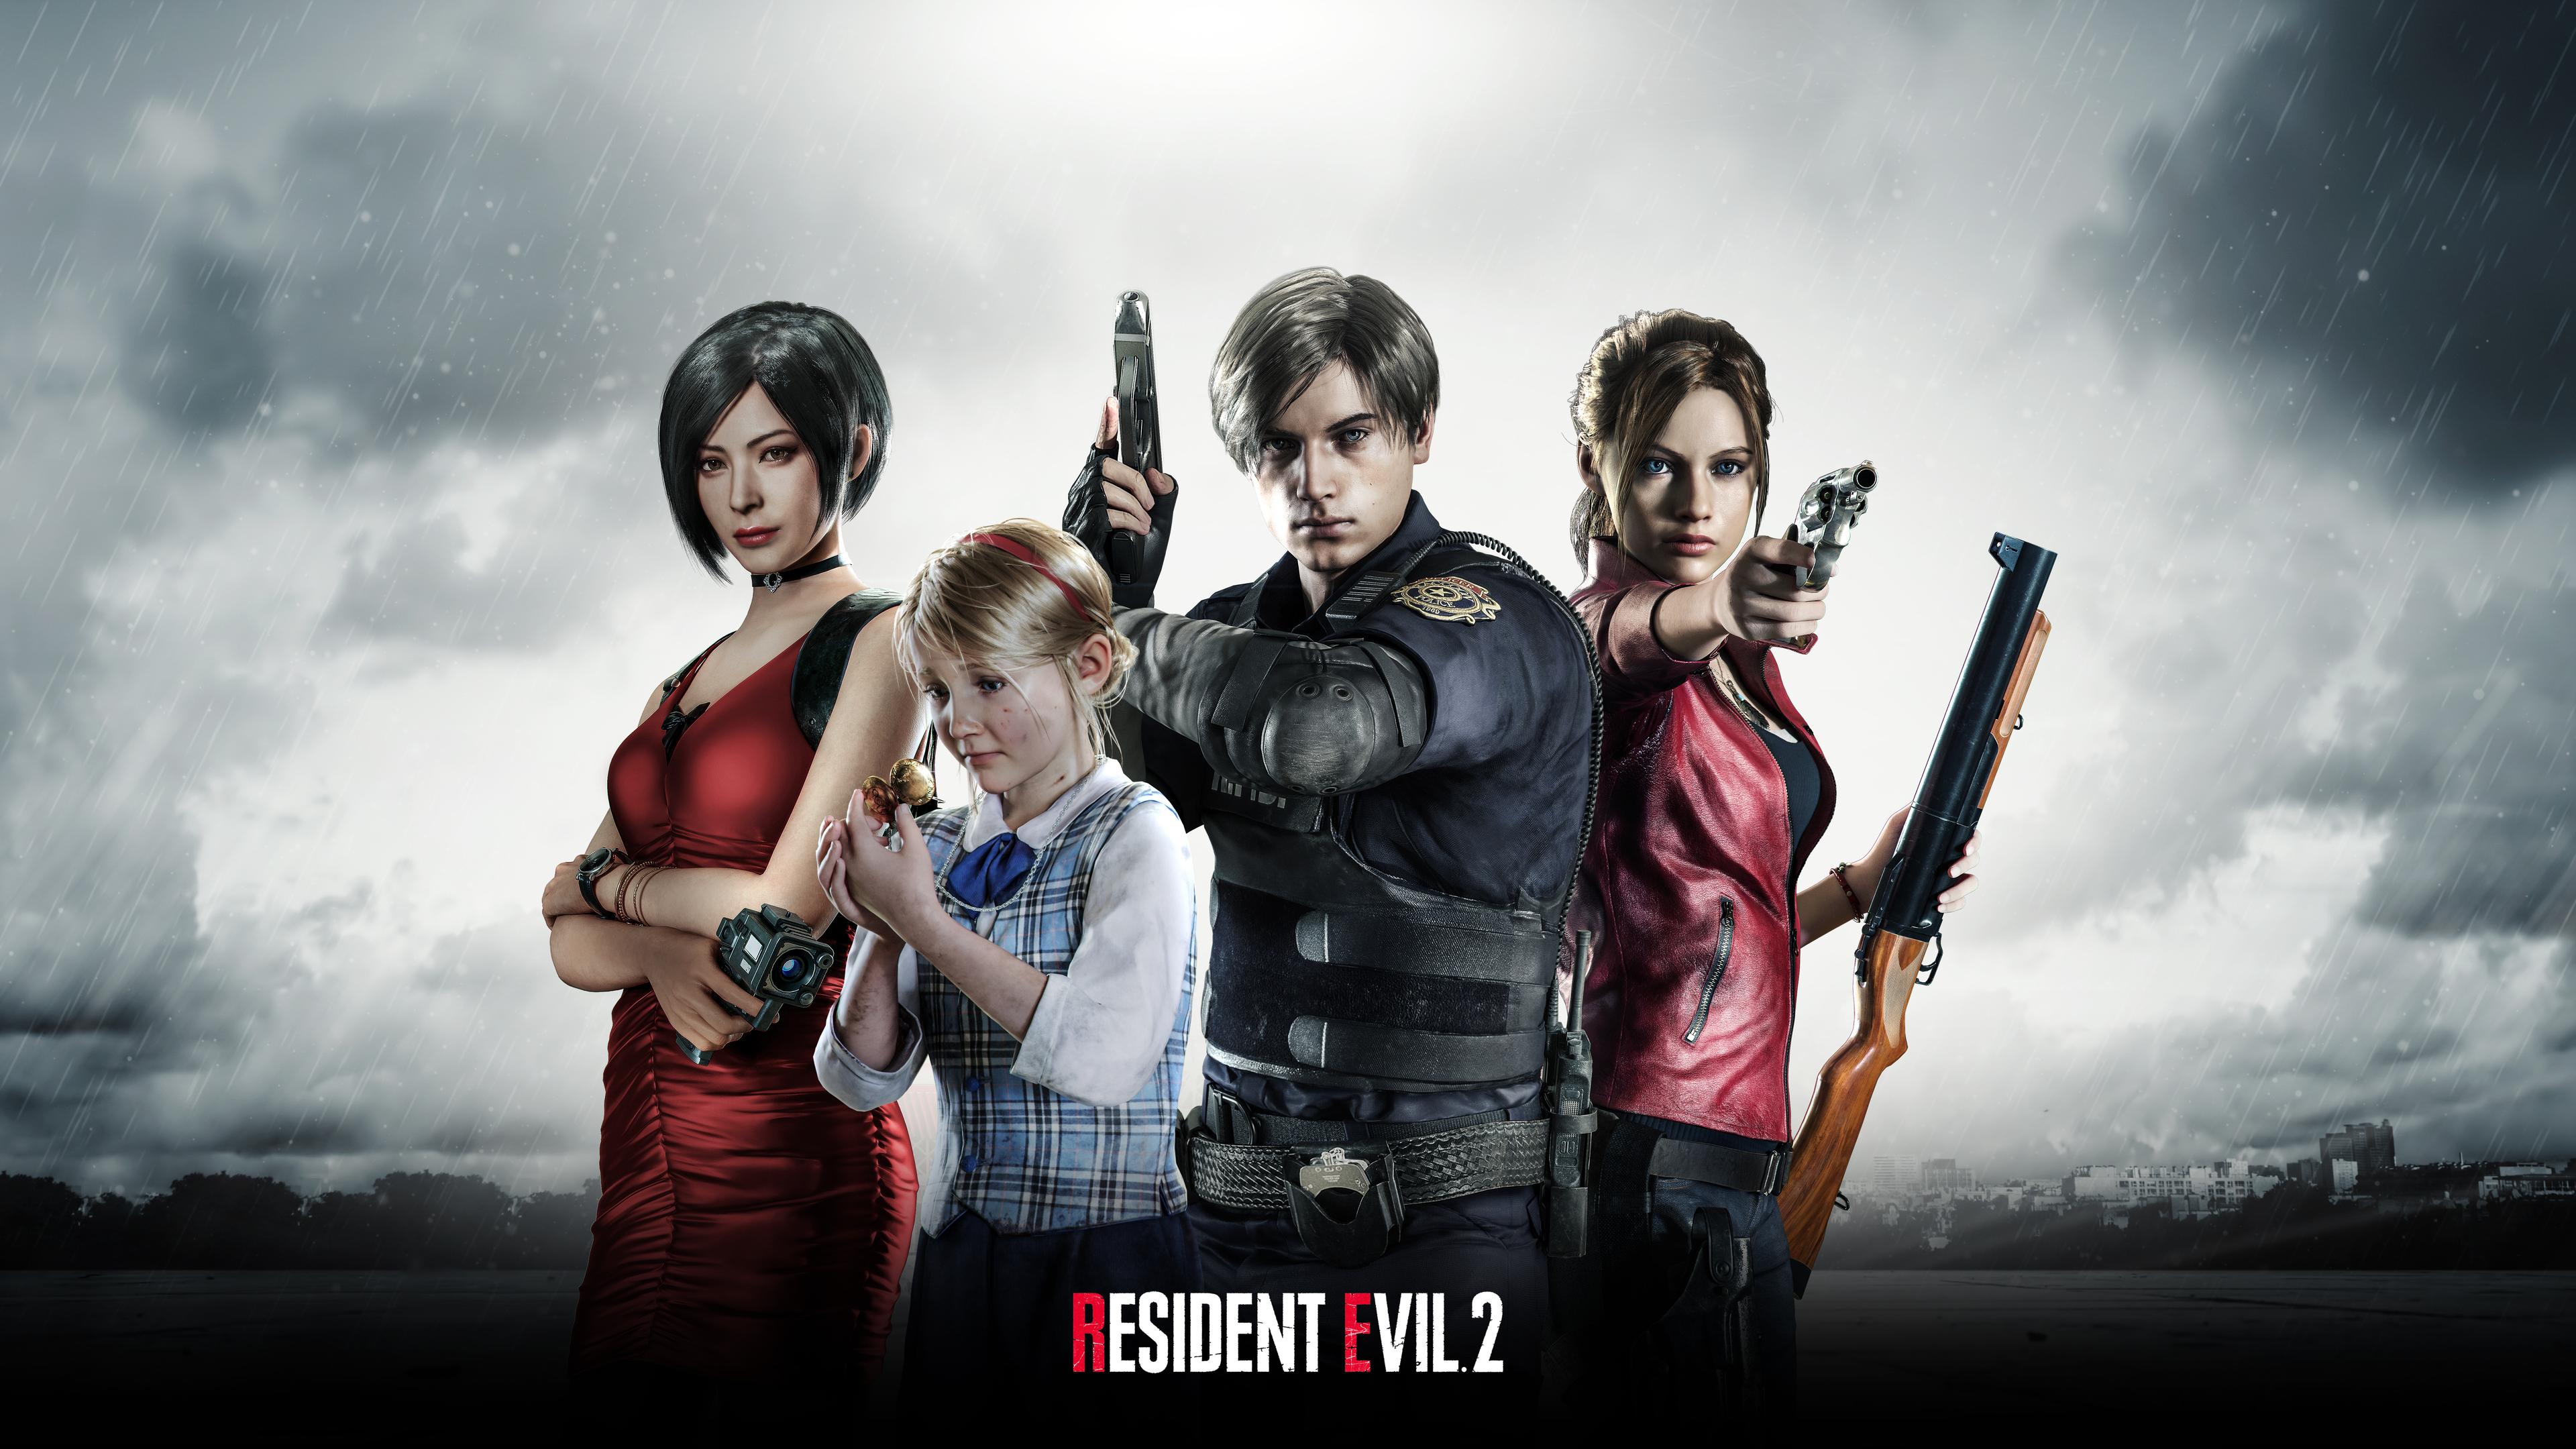 3840x2160 Resident Evil 2 2019 10k 4k HD 4k Wallpapers ...